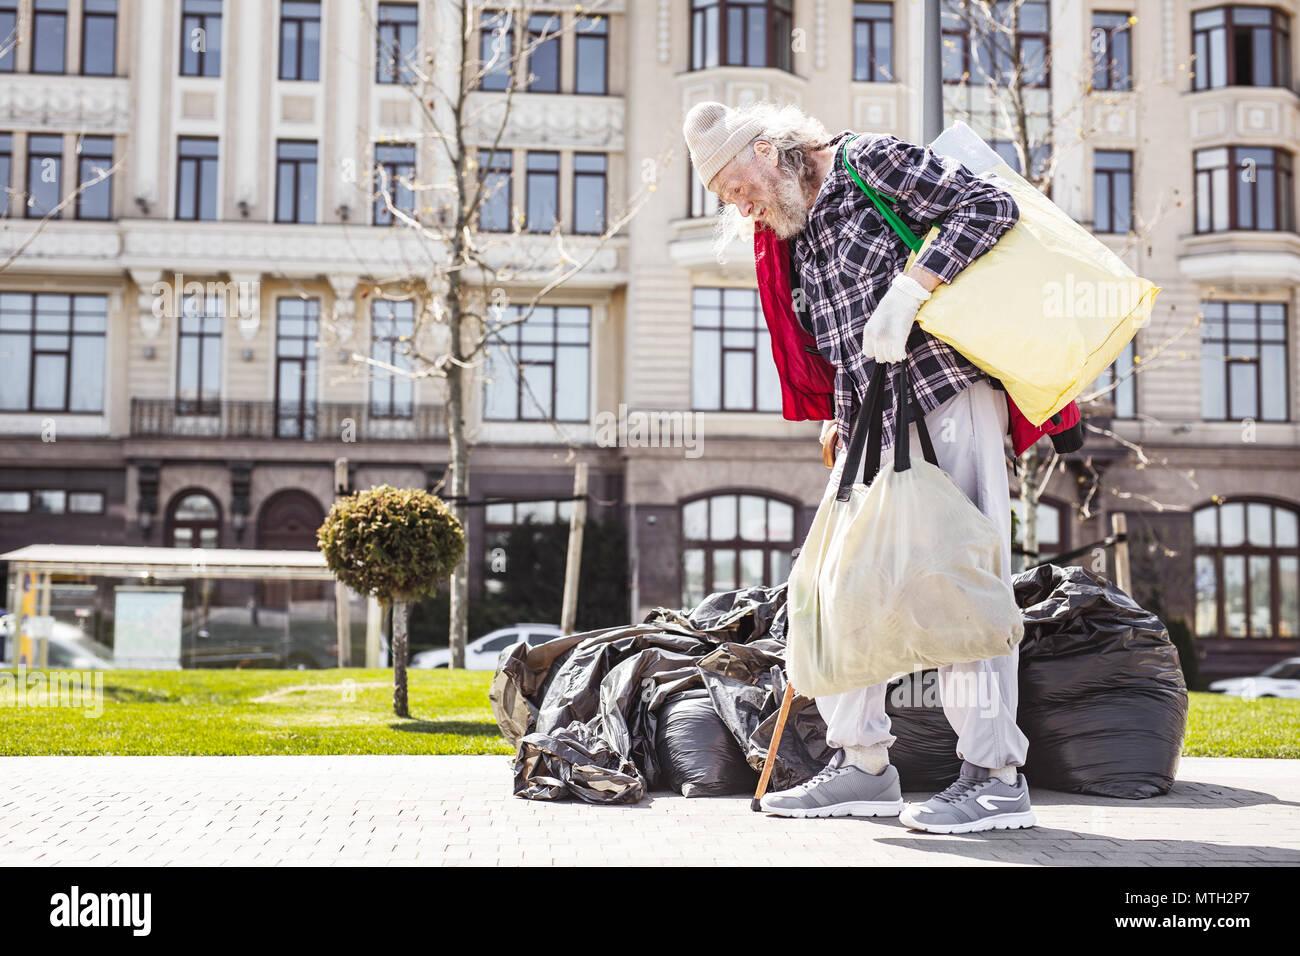 Sad poor man walking near the garbage bags - Stock Image